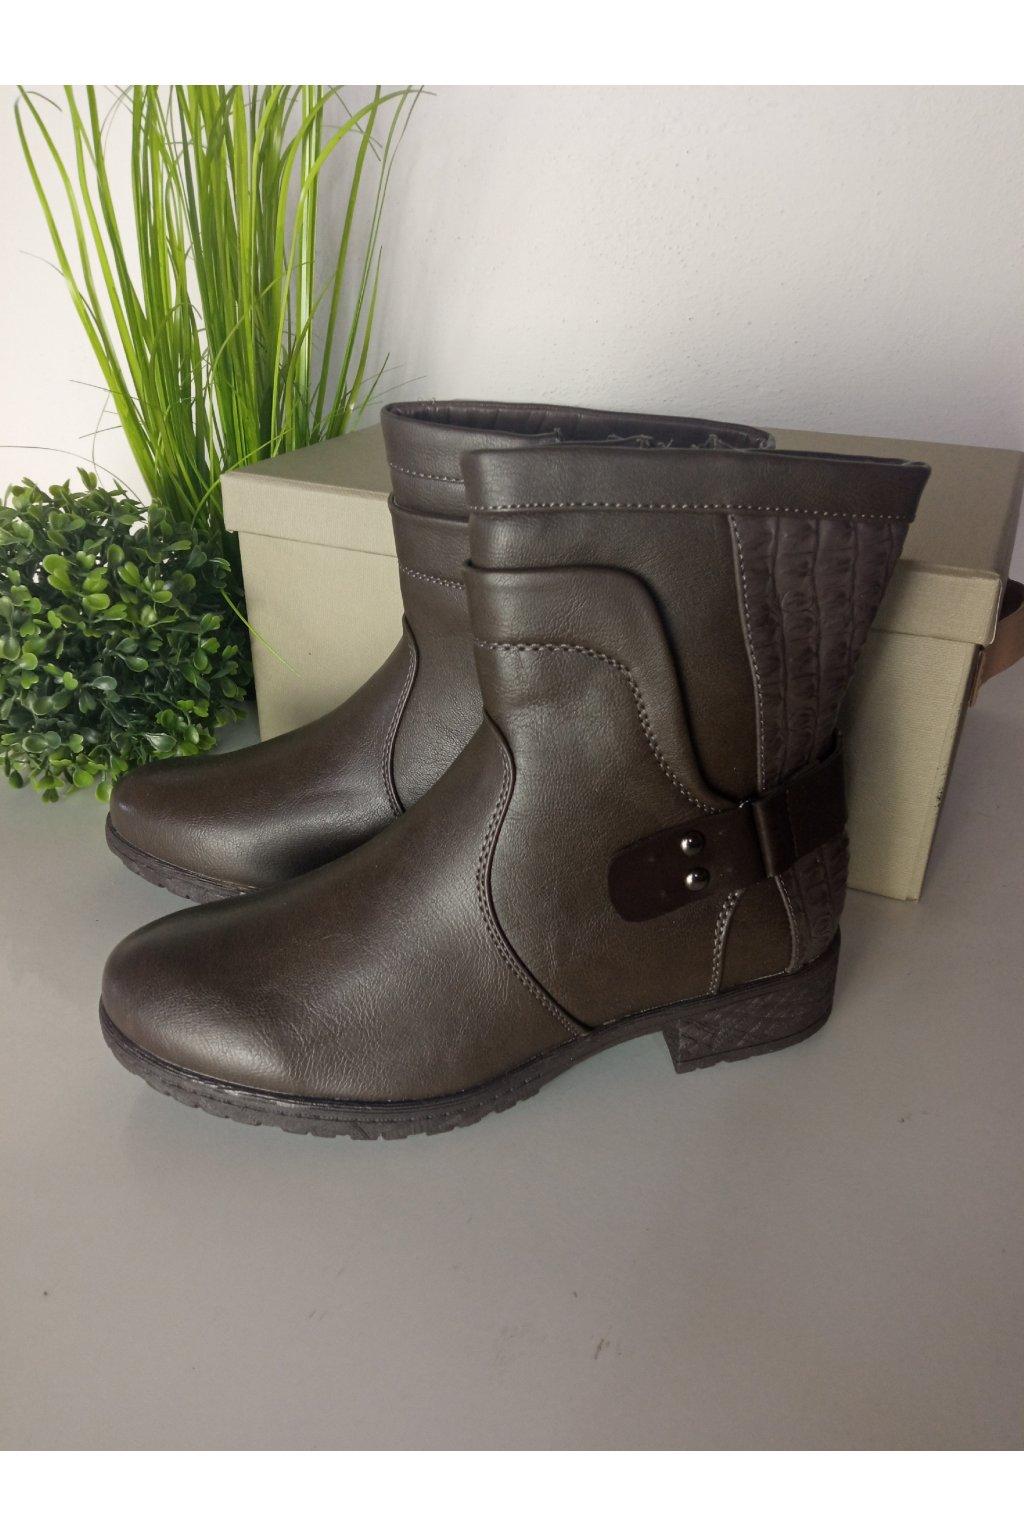 Hnedé topánky NJSK H355G/S3-46P